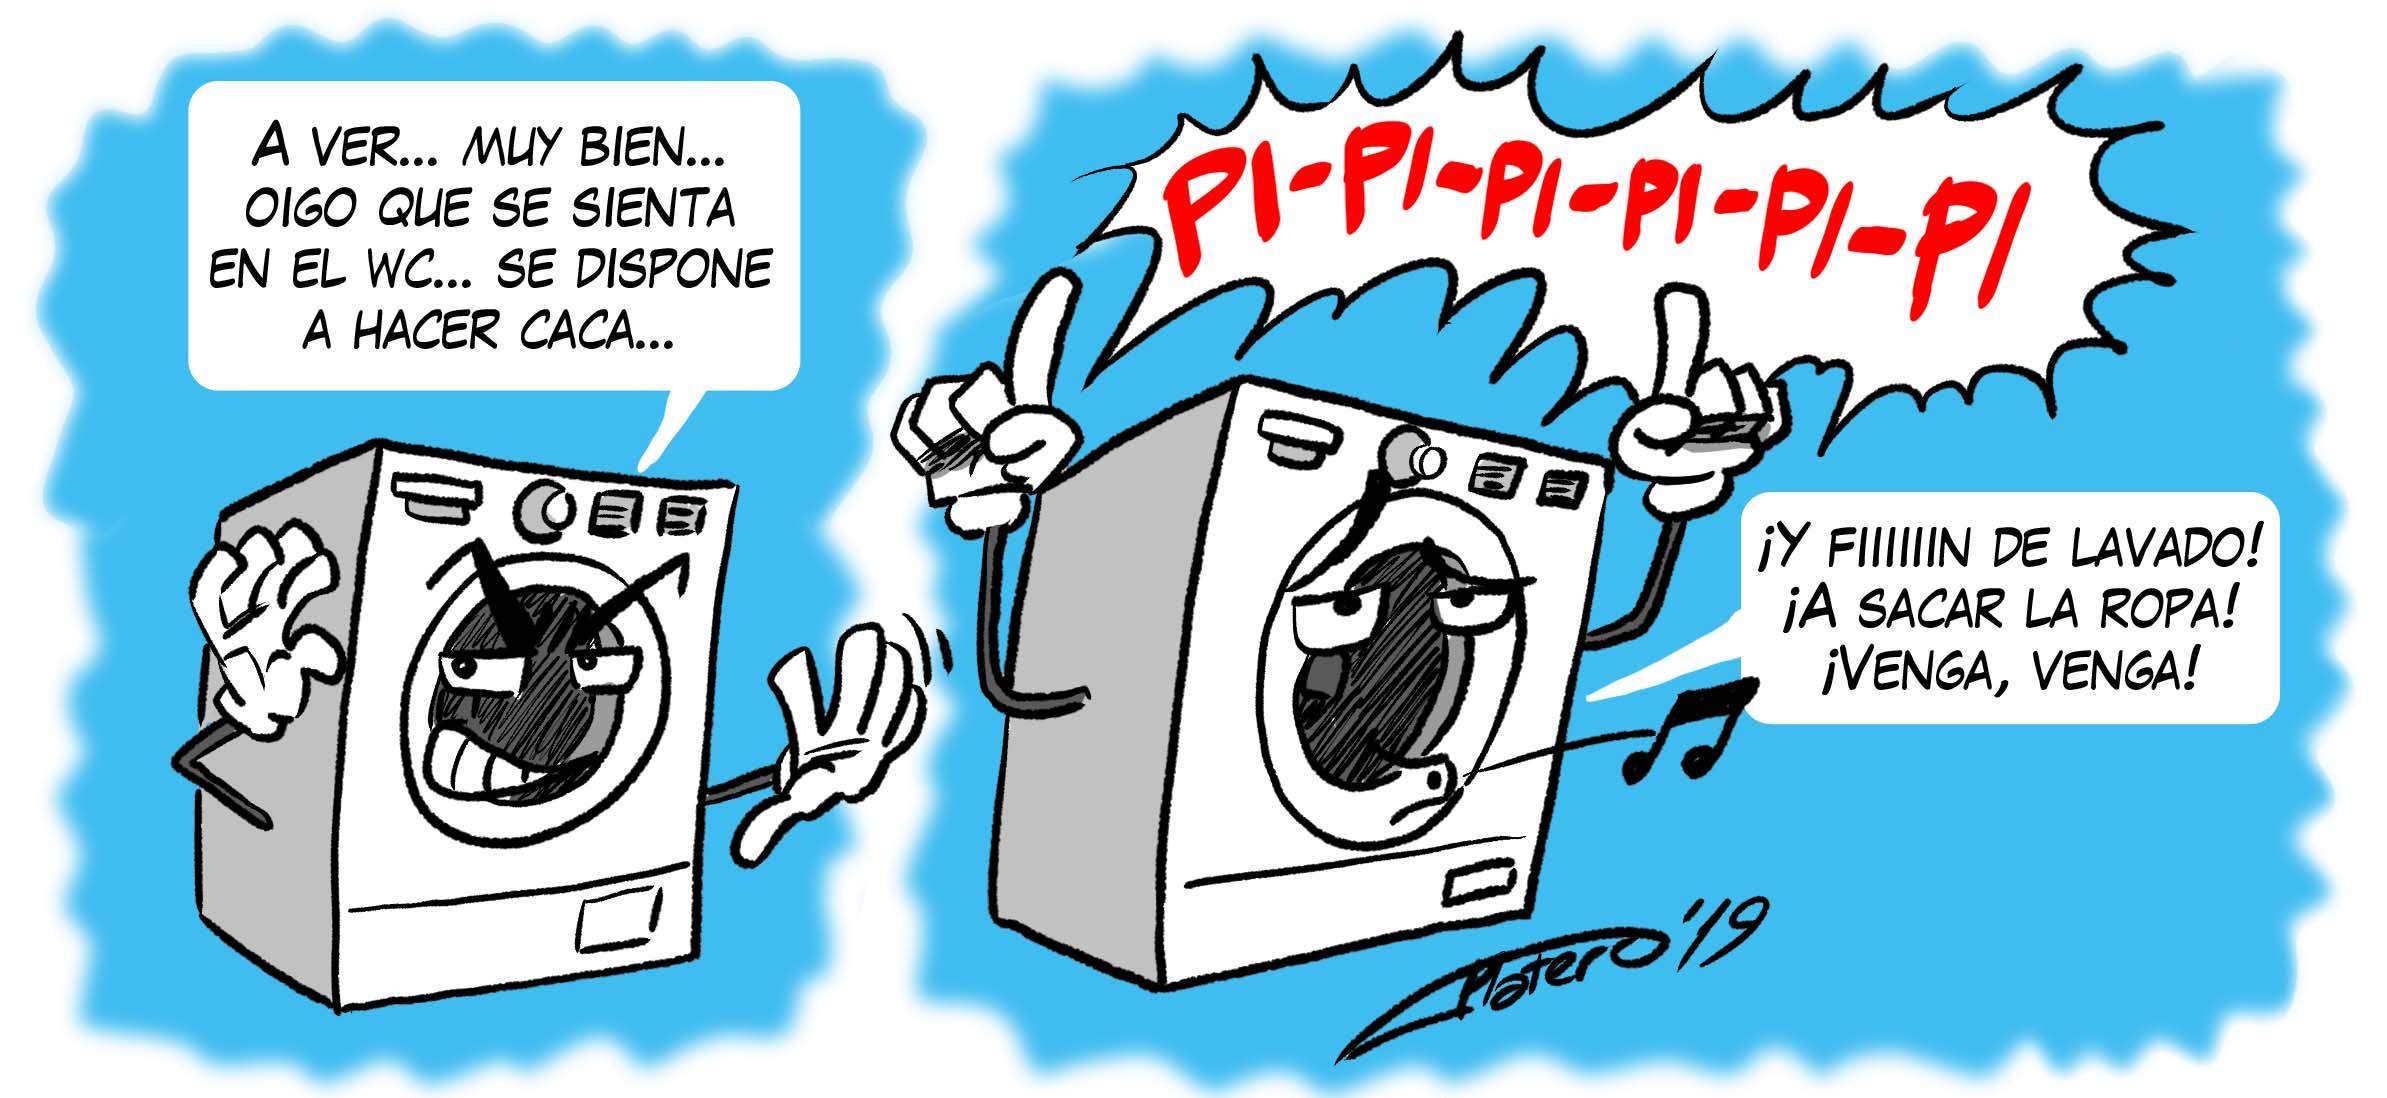 lavadora_jose_luis_platero_humor